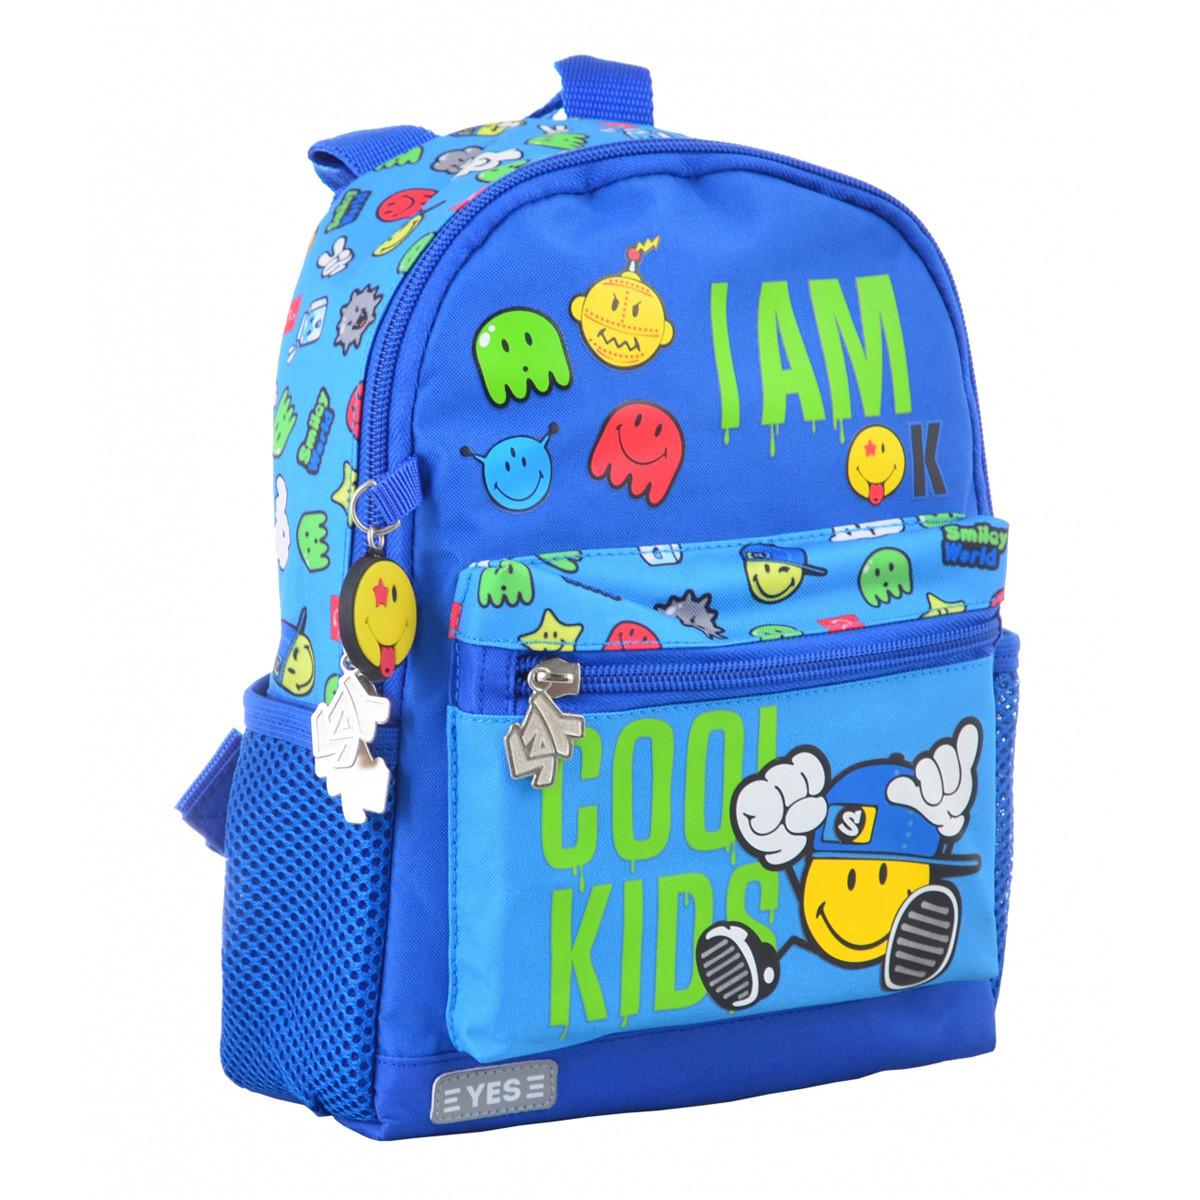 Рюкзак детский YES K-16 Cool kids, 22.5*18.5*9.5 555072